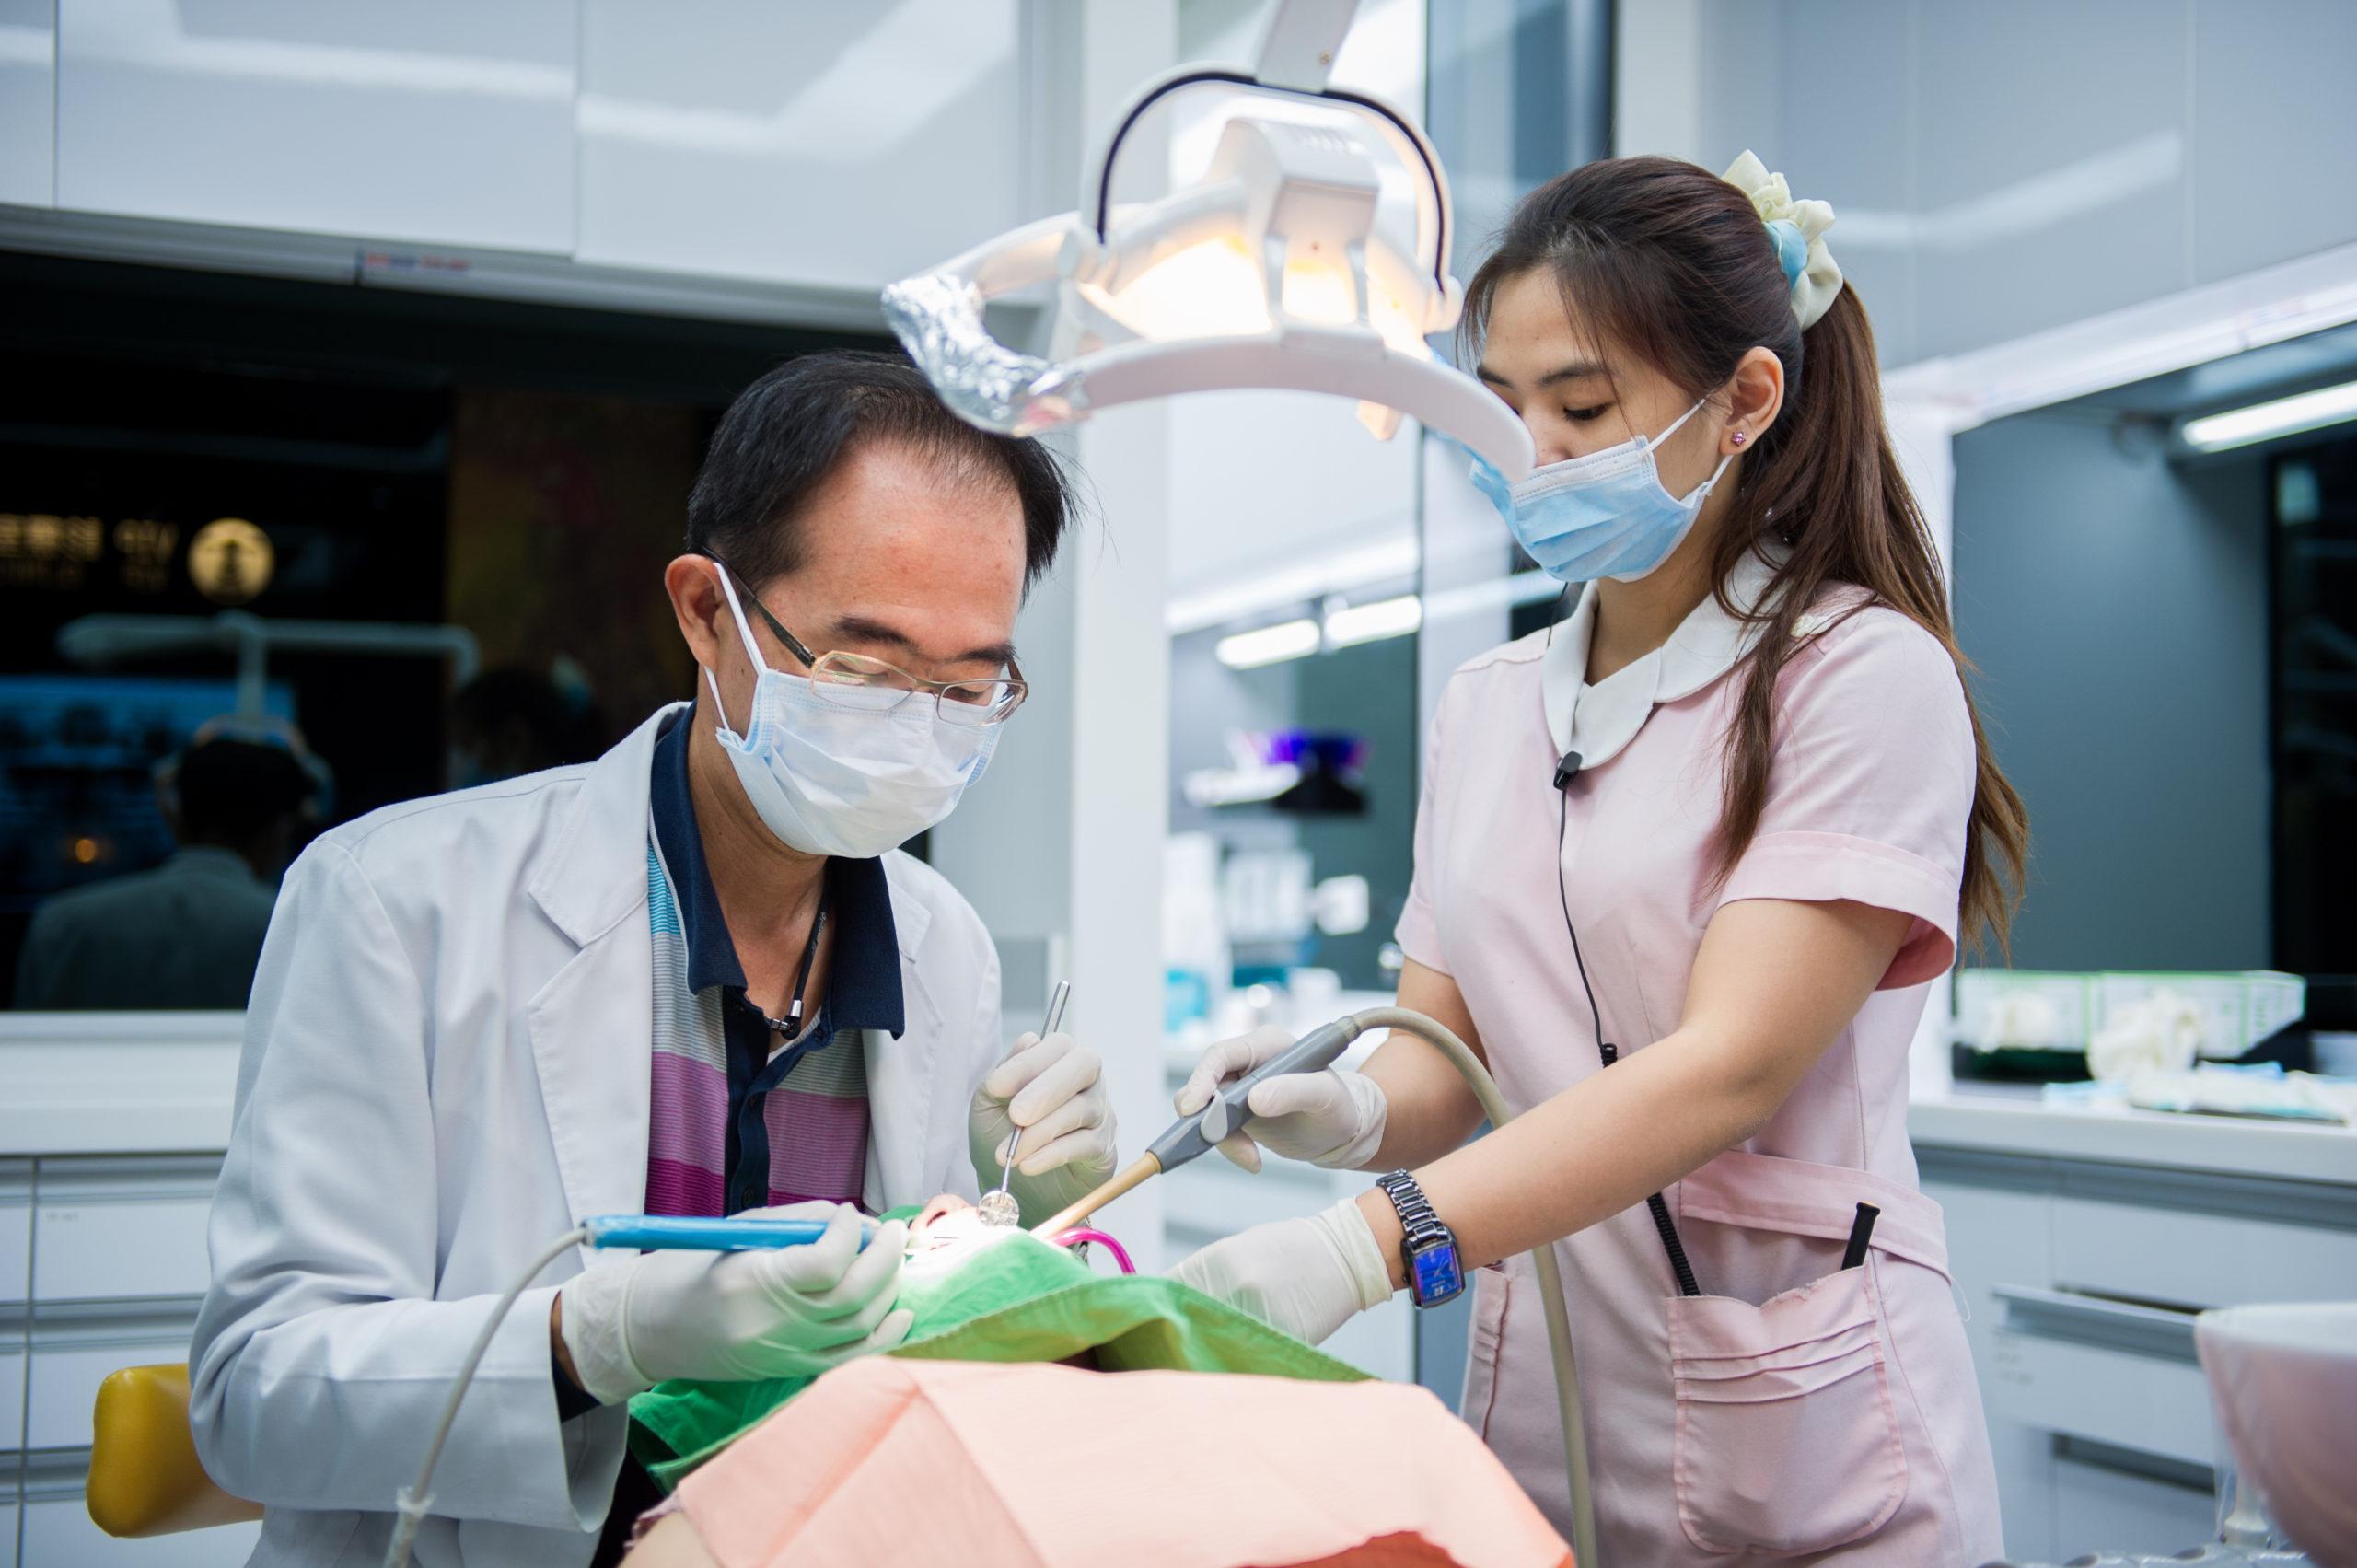 【植牙壽命大哉問】植牙後注意事項會影響植牙植體脫落的發生,請問醫師怎麼保養?